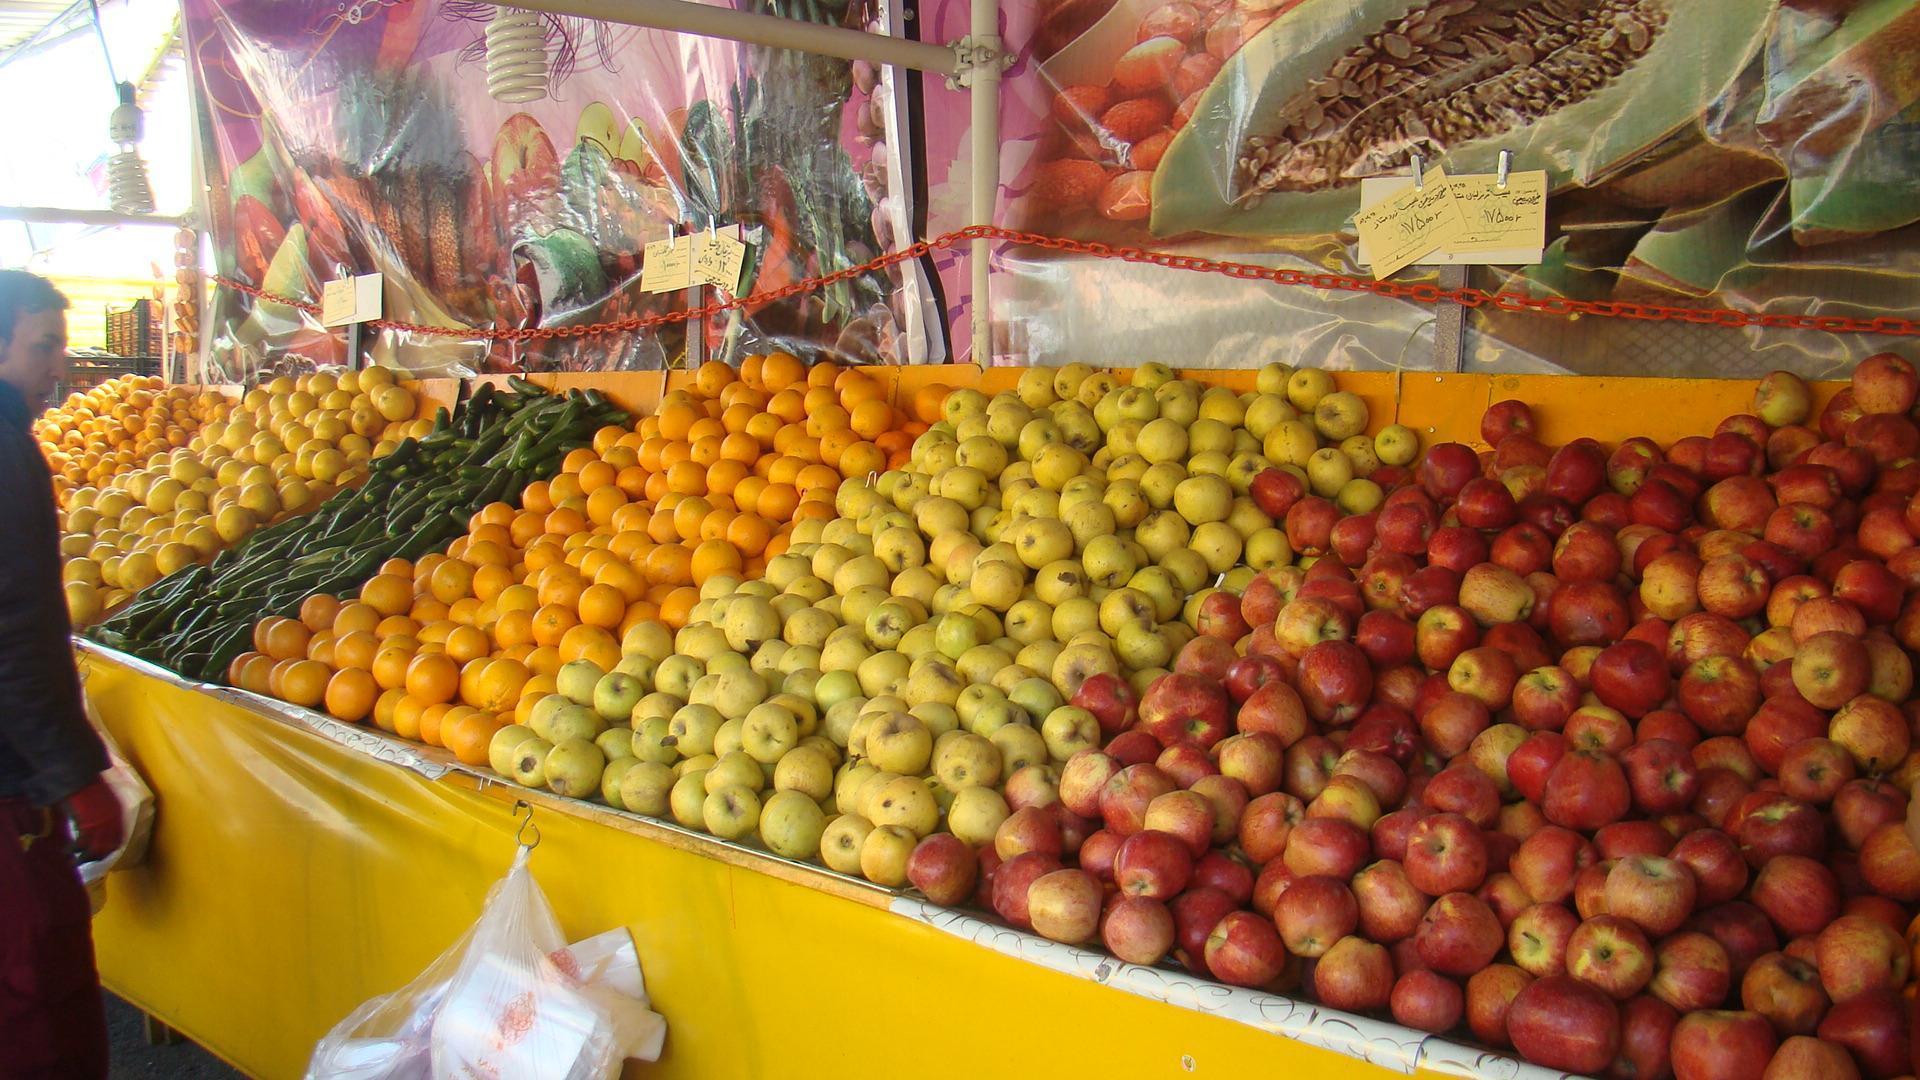 قیمت انواع میوه و تره بار در بازار تهران امروز چهارشنبه + جدول